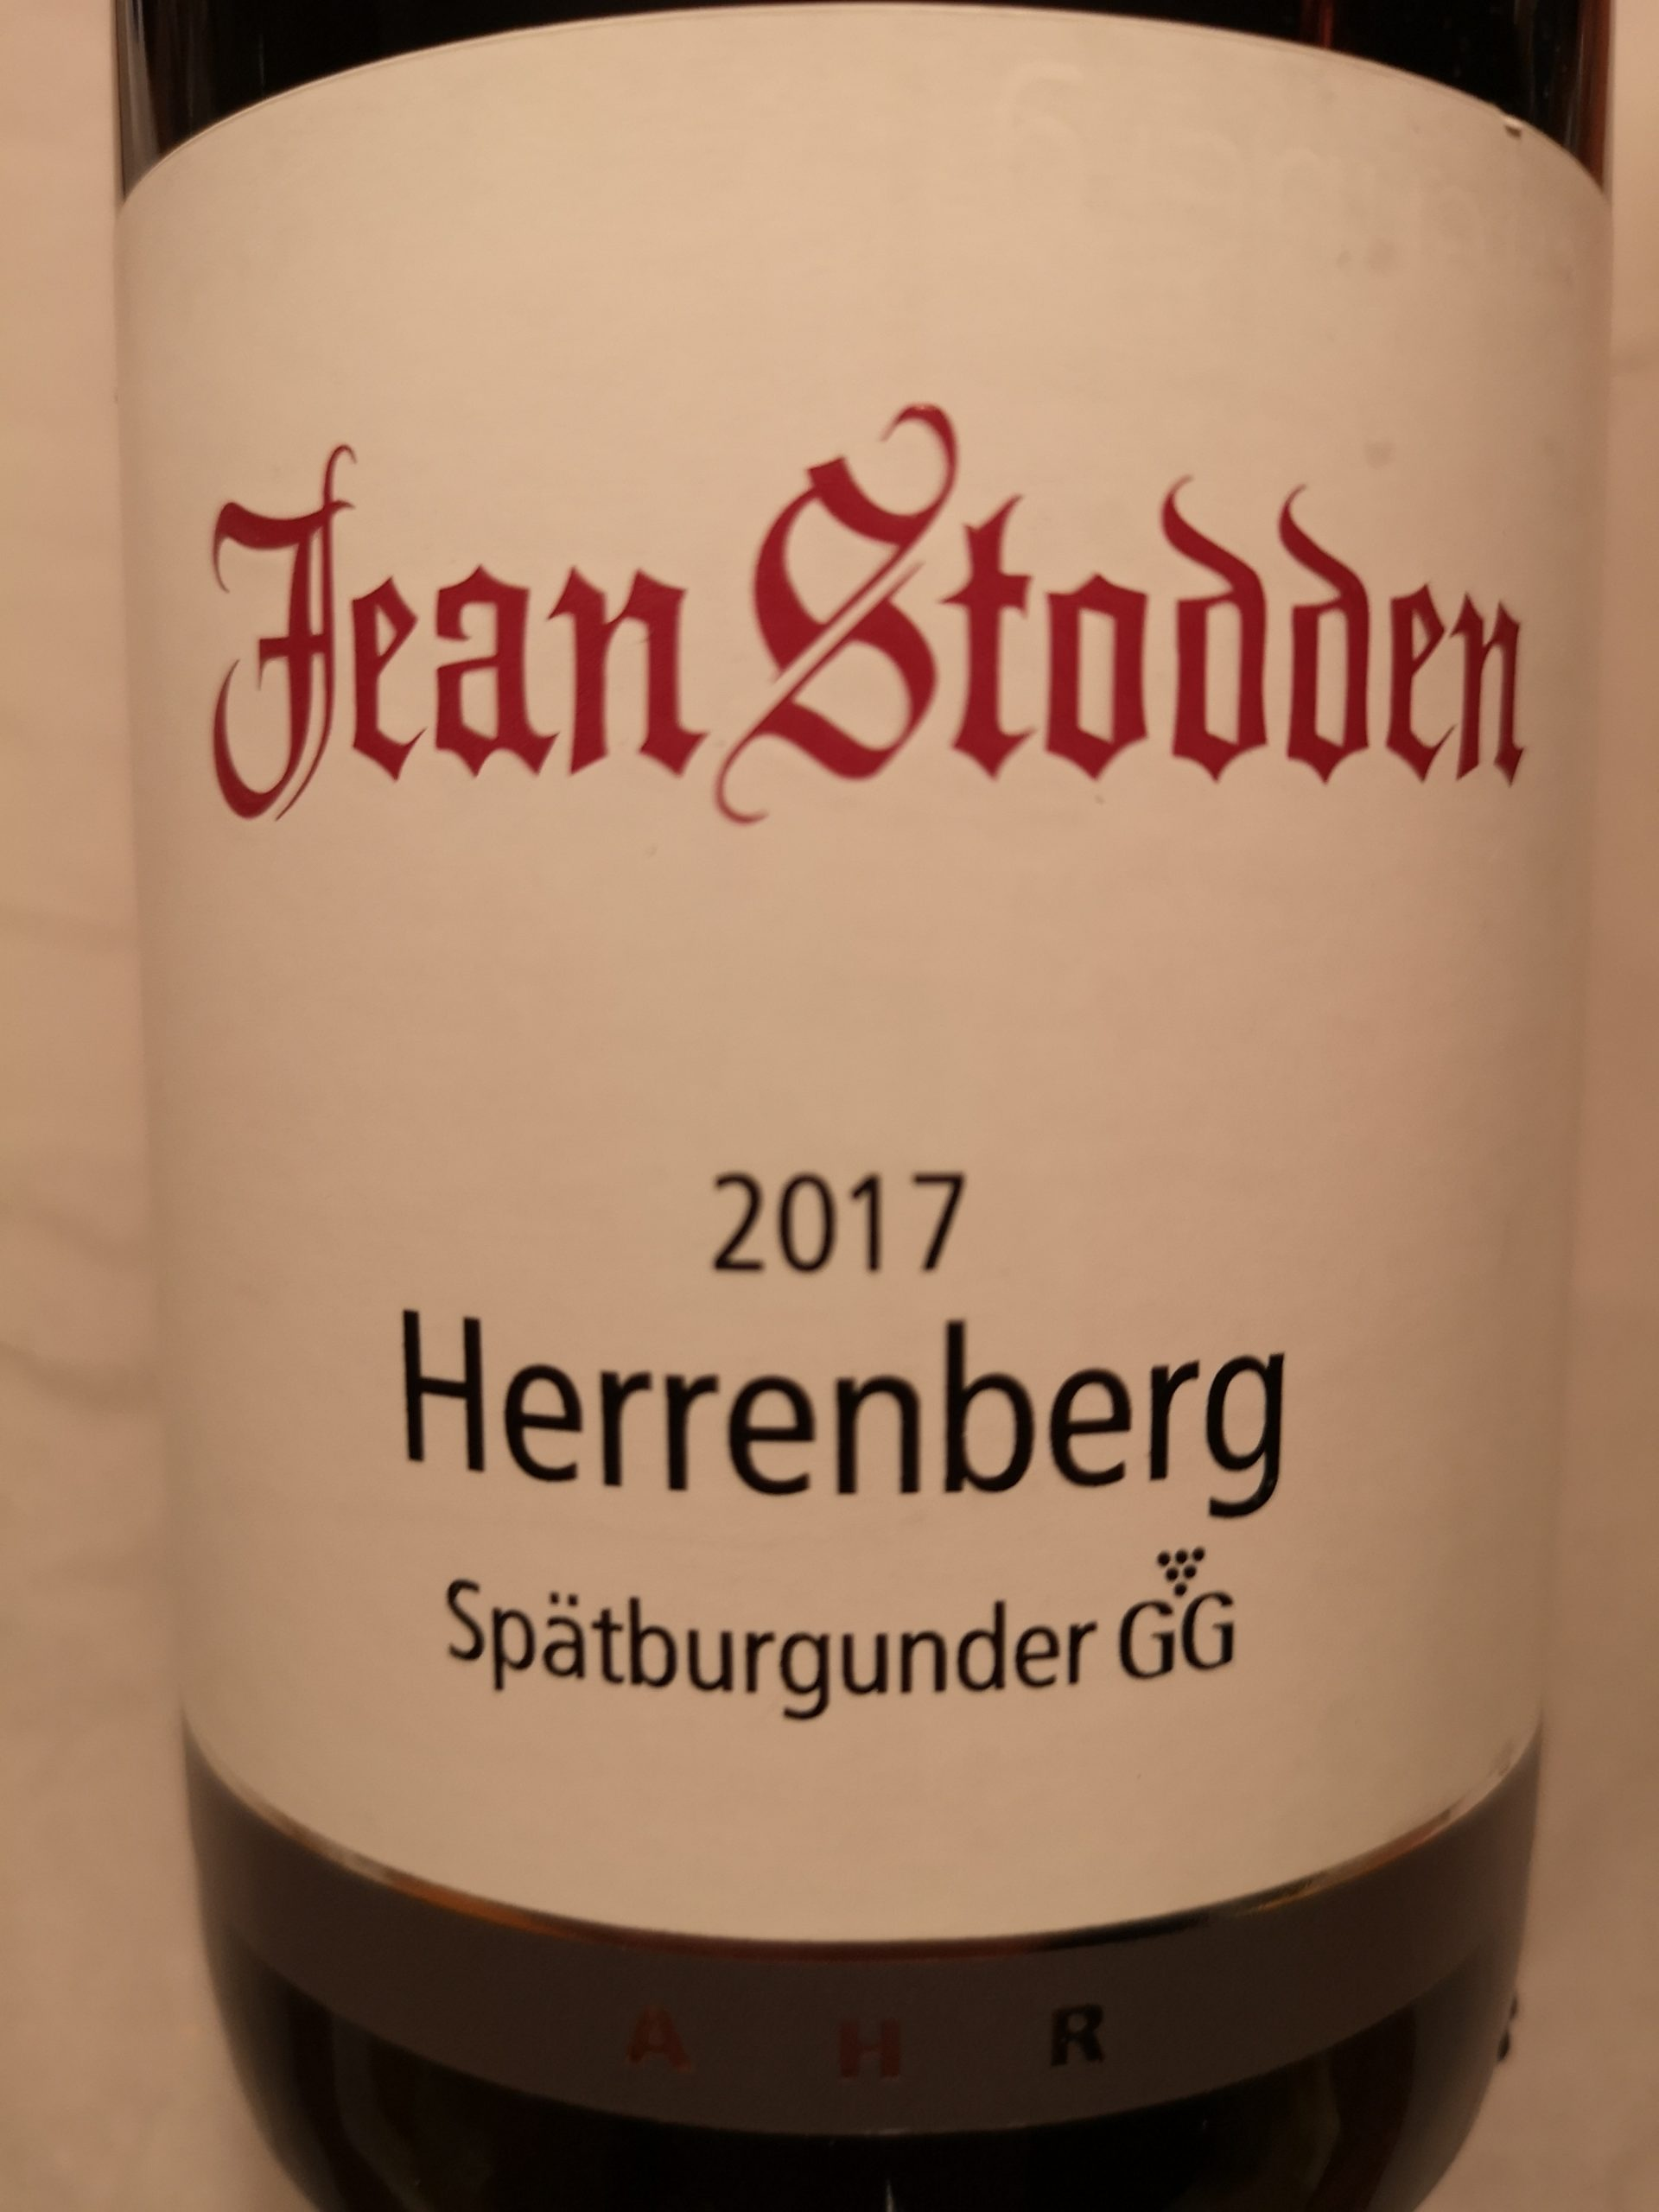 2017 Spätburgunder Herrenberg GG | Jean Stodden